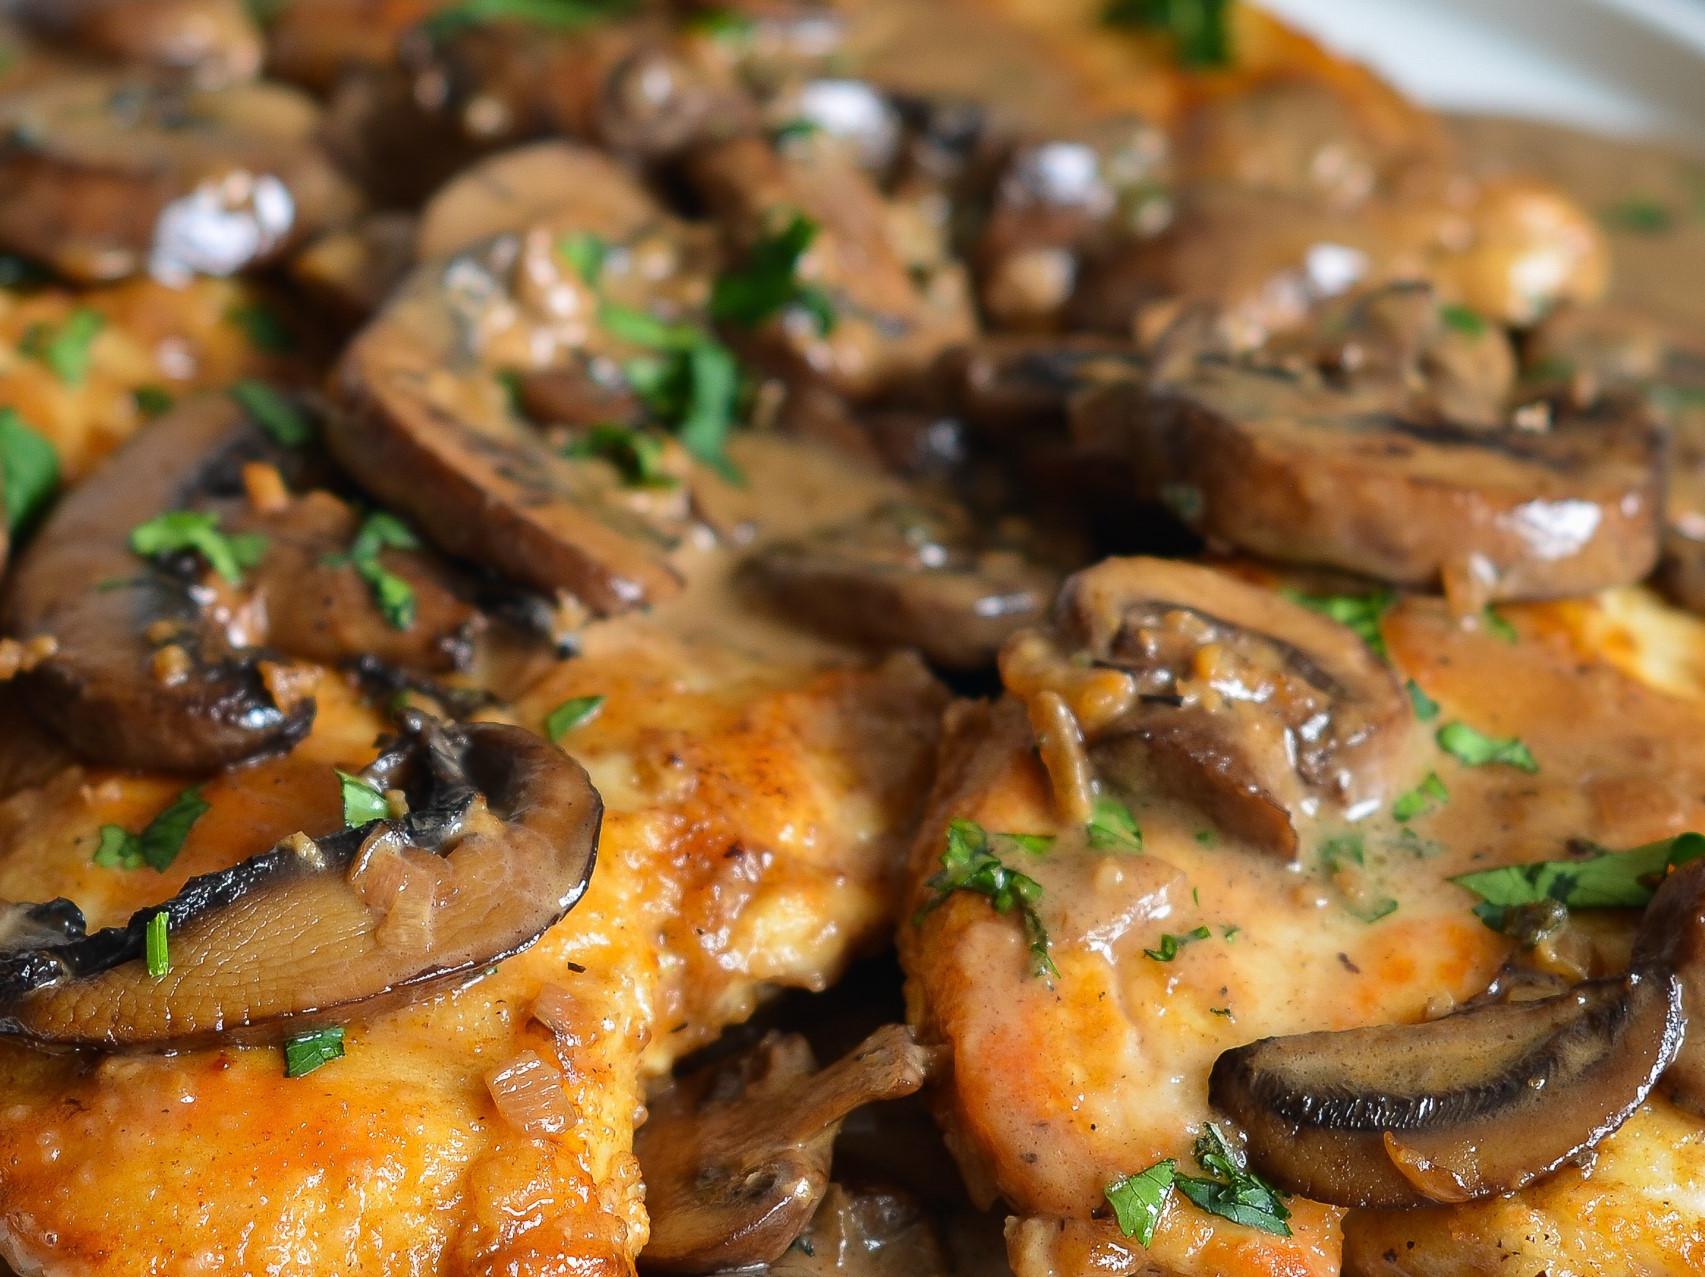 義大利風味~馬莎拉蘑菇雞肉